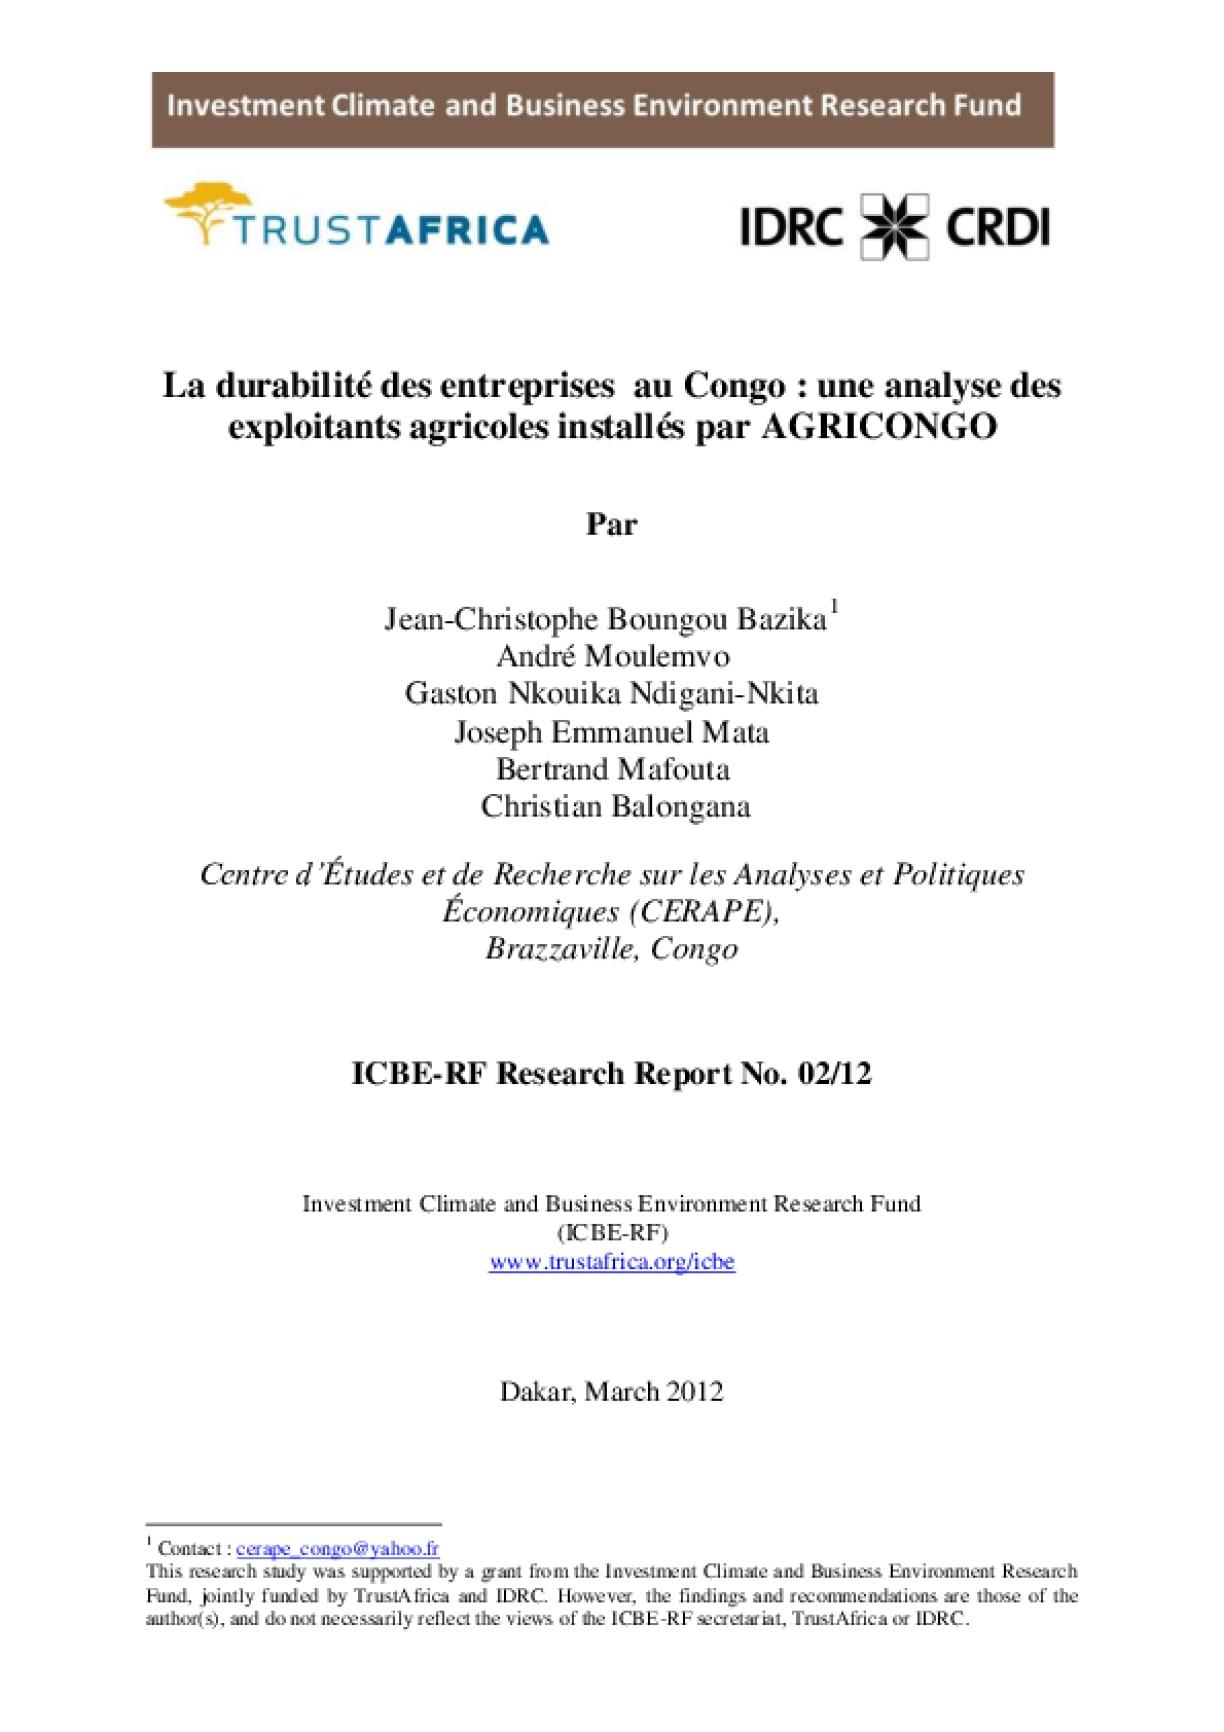 La durabilité des entreprises au Congo: une analyse des exploitants agricoles installés par AGRICONGO